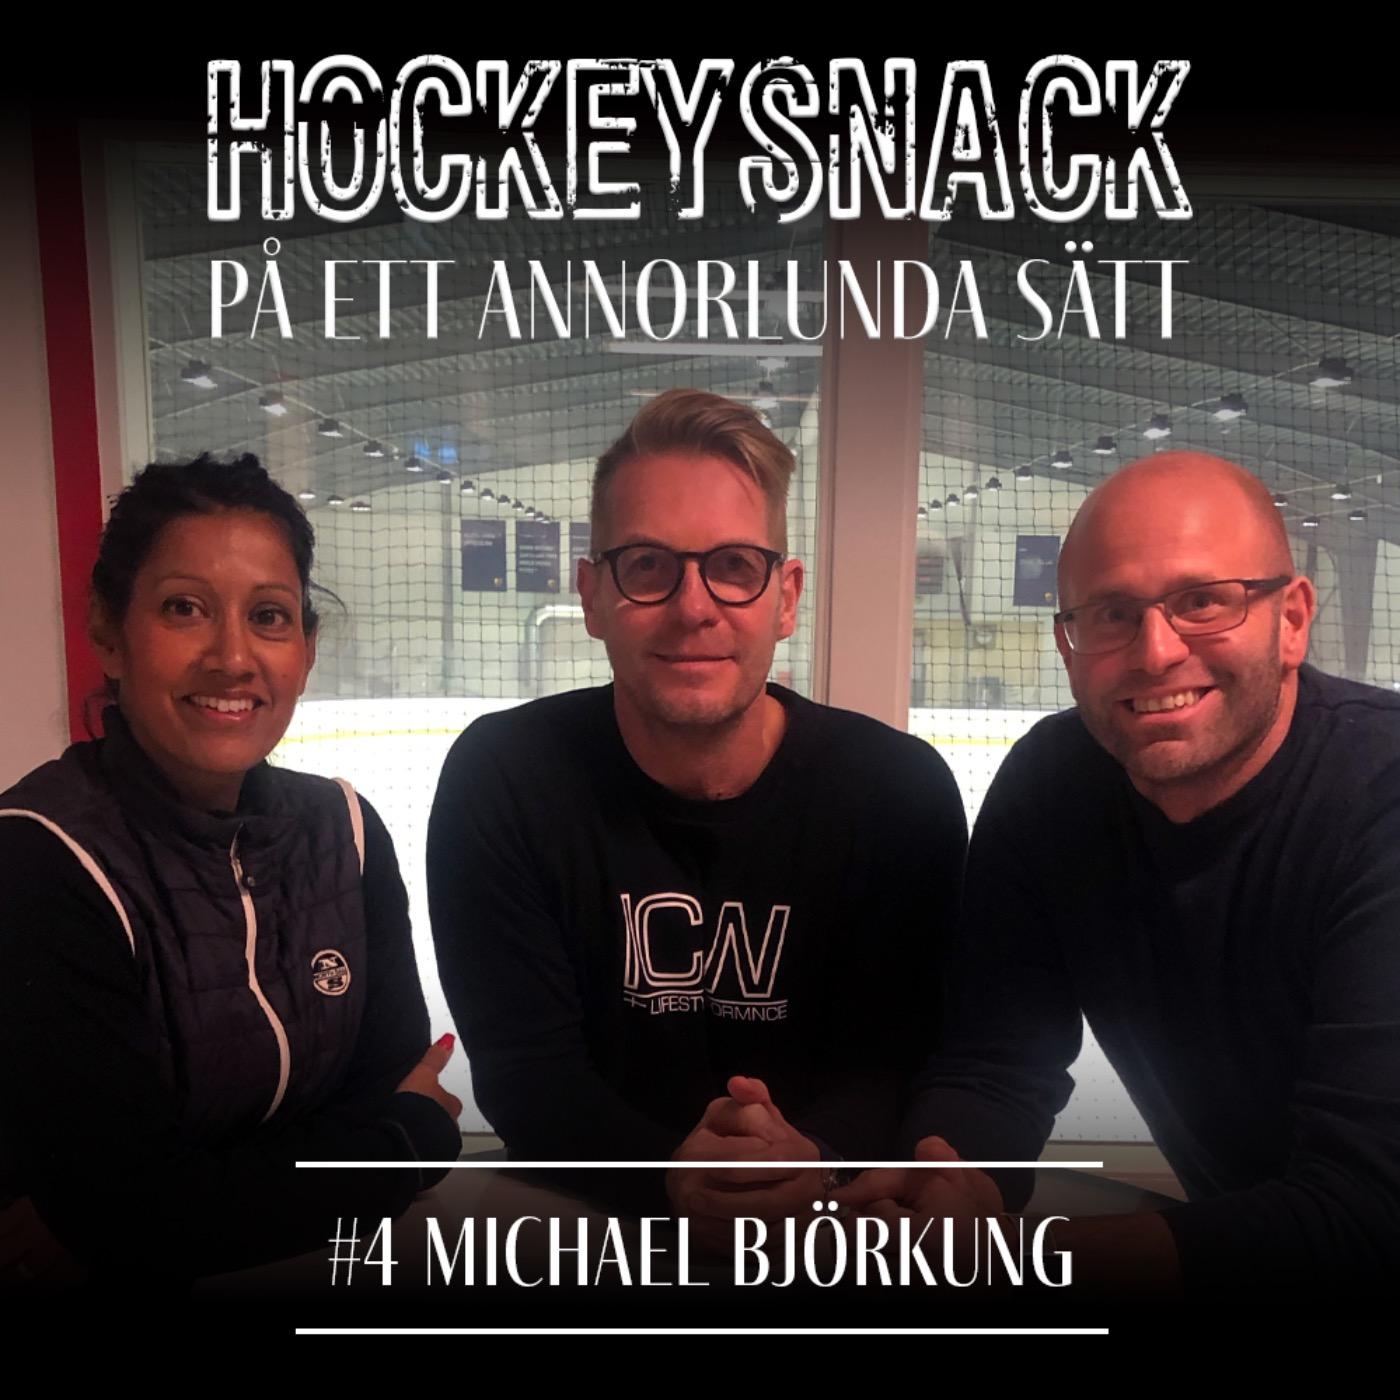 #4 Selectverksamhet med Michael Björkung